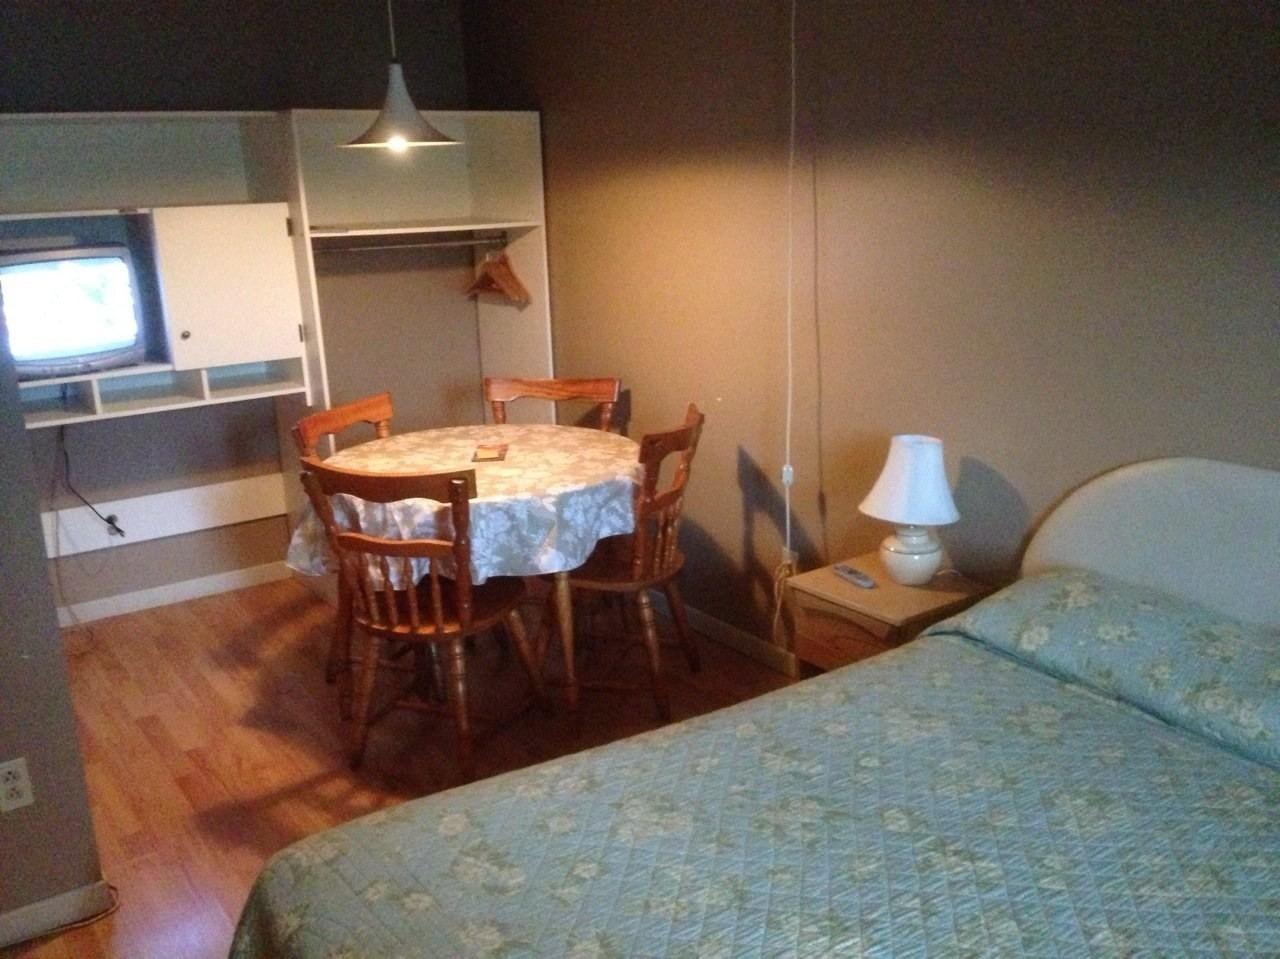 Maison Chez Laurent Hôtel (Baie-Saint-Paul) : voir 18 avis et 9 photos